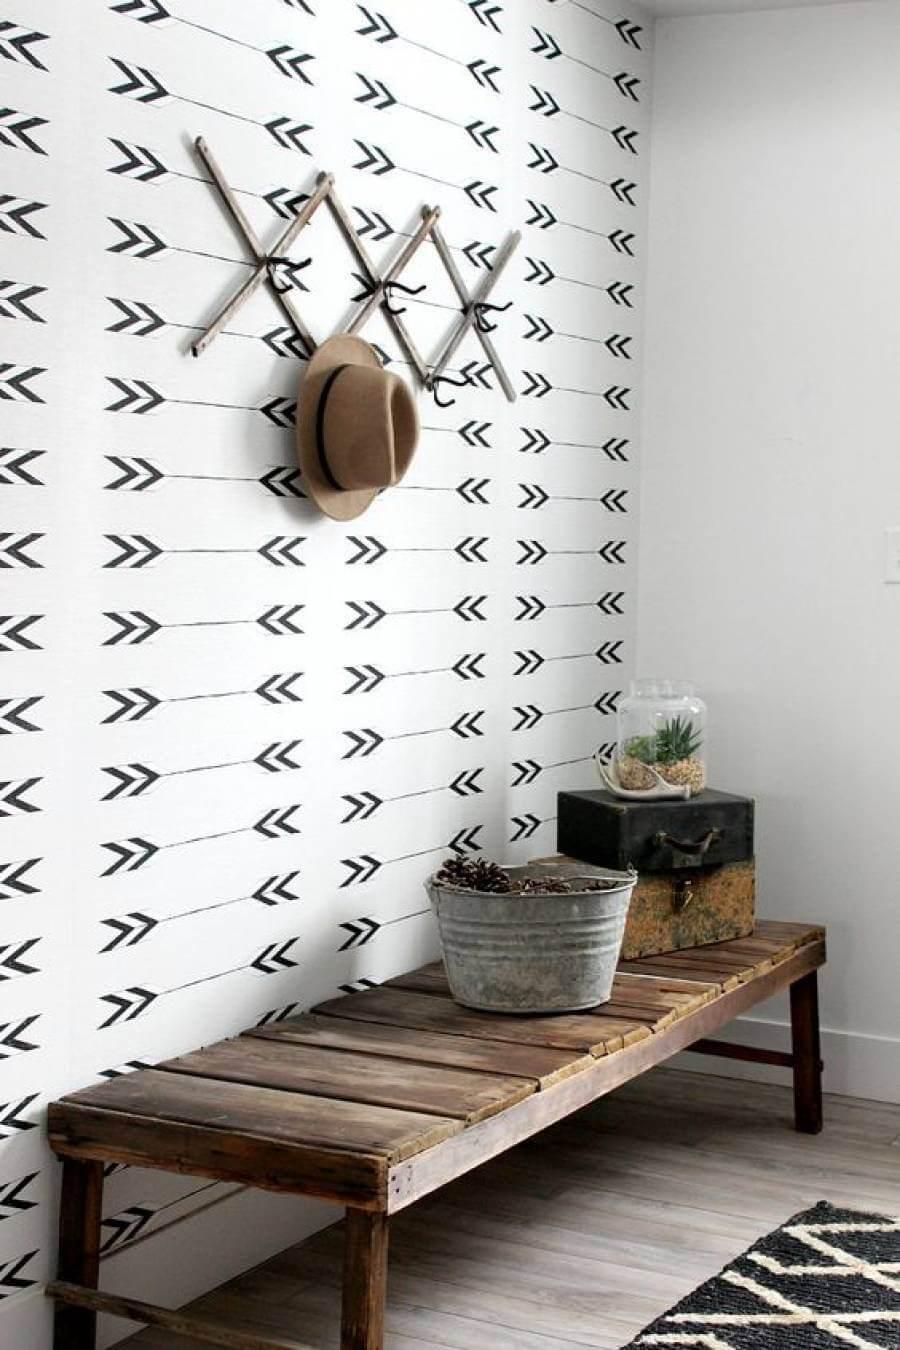 25 ý tưởng trang trí lối ra vào để không gian nhà ở của bạn thêm sống động, ấm áp - Ảnh 2